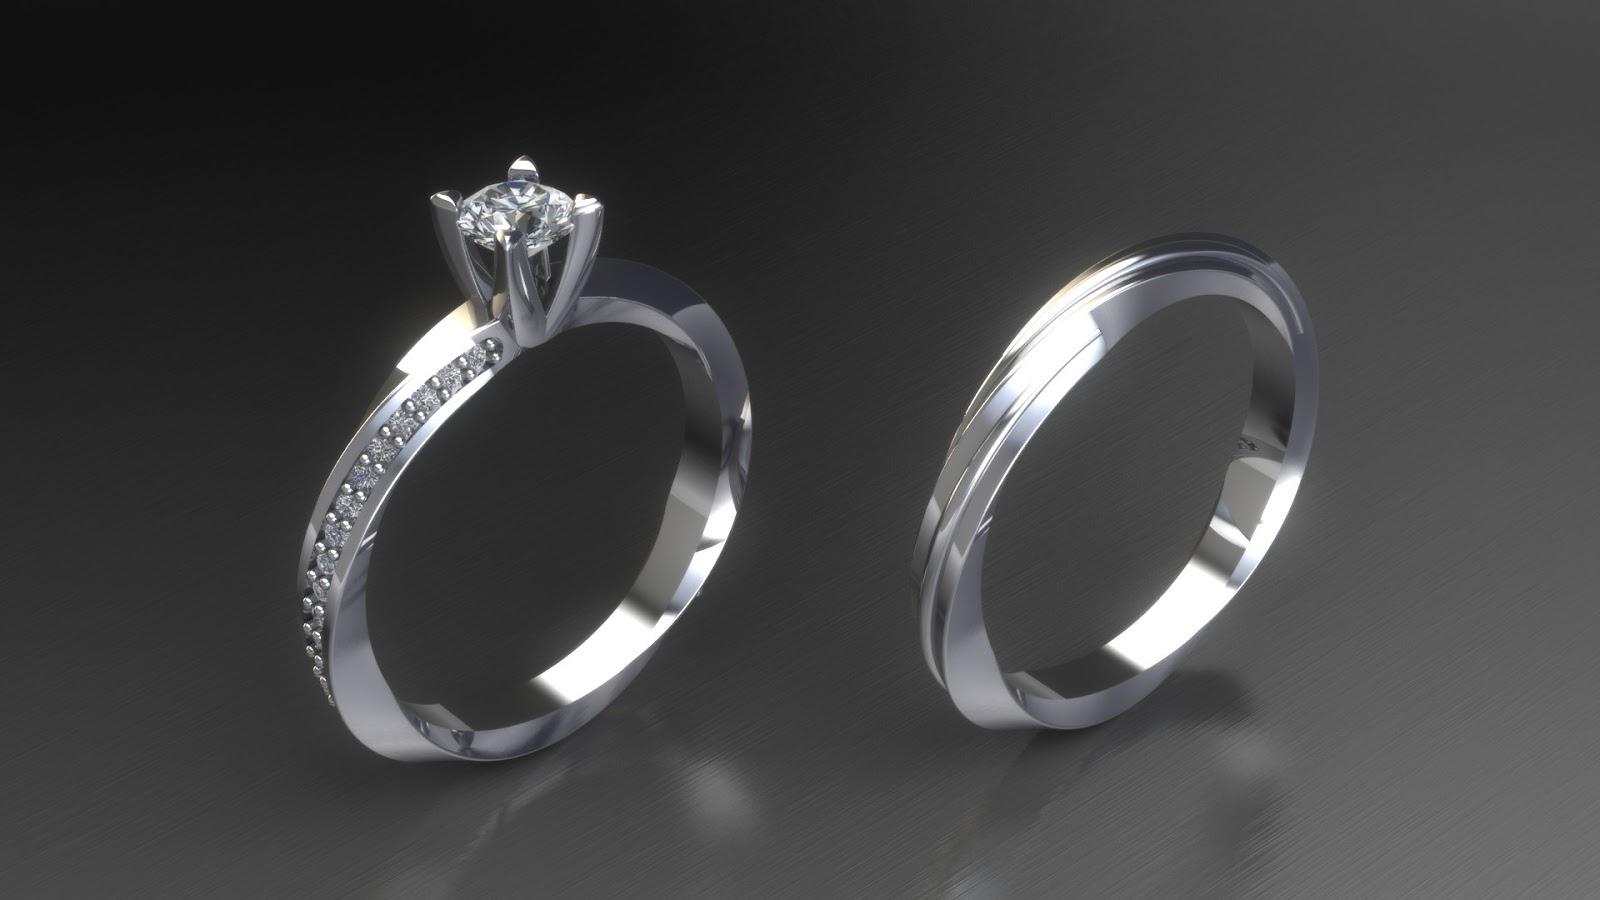 Ραντεβού 3 χρόνια χωρίς δαχτυλίδι